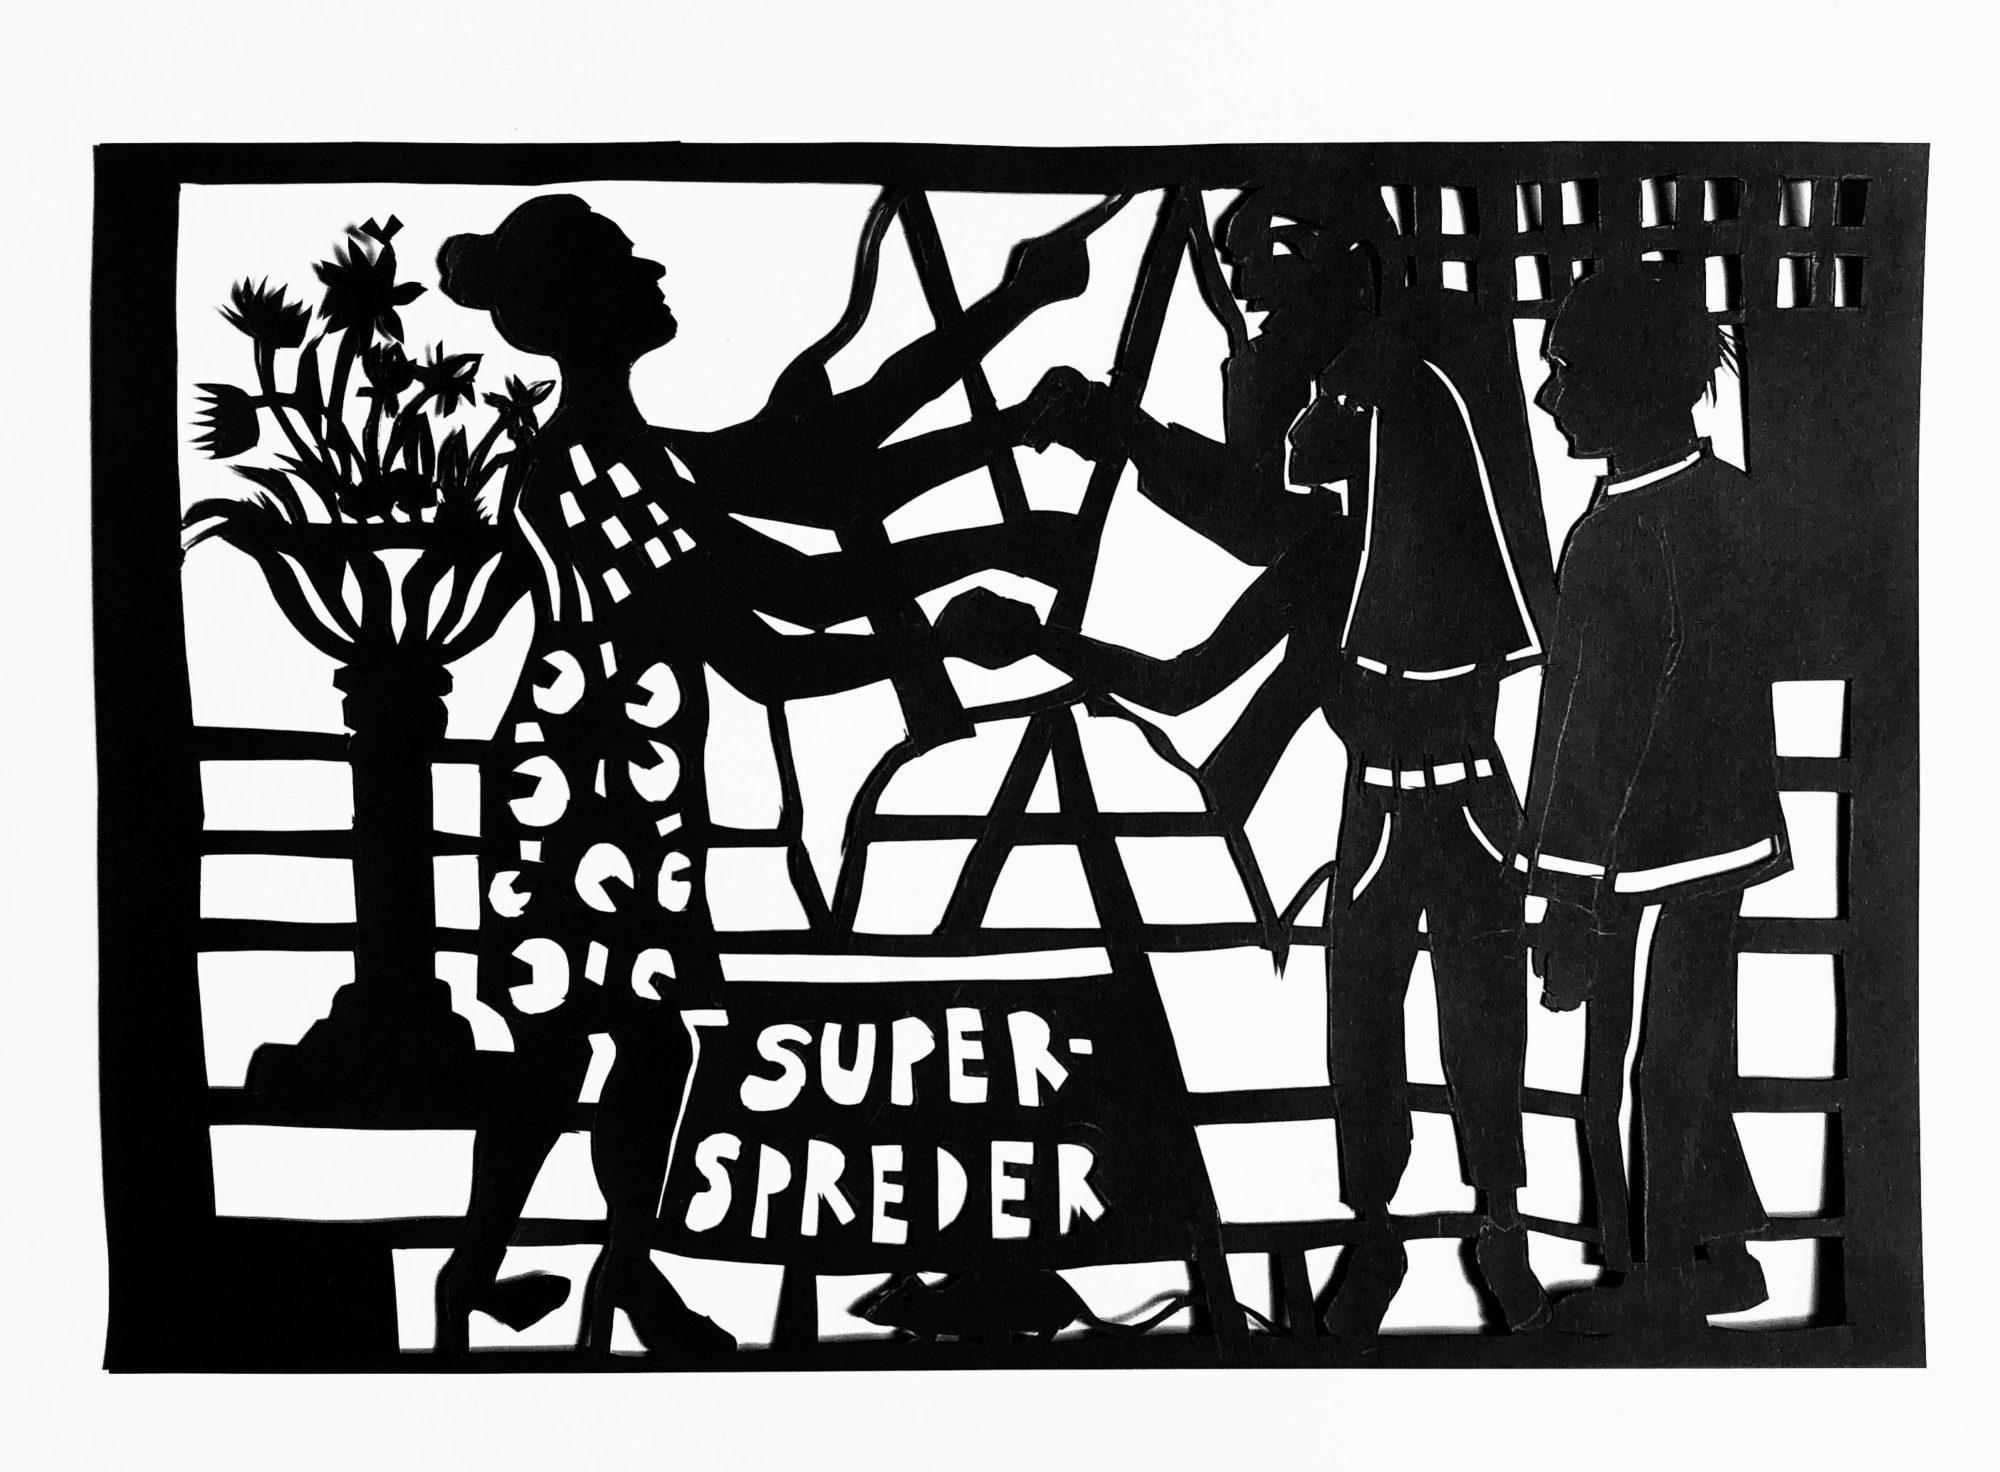 'Superspreder', Et Papirklip I Sort Papir. Del Af Serien, Coronabreve 2020